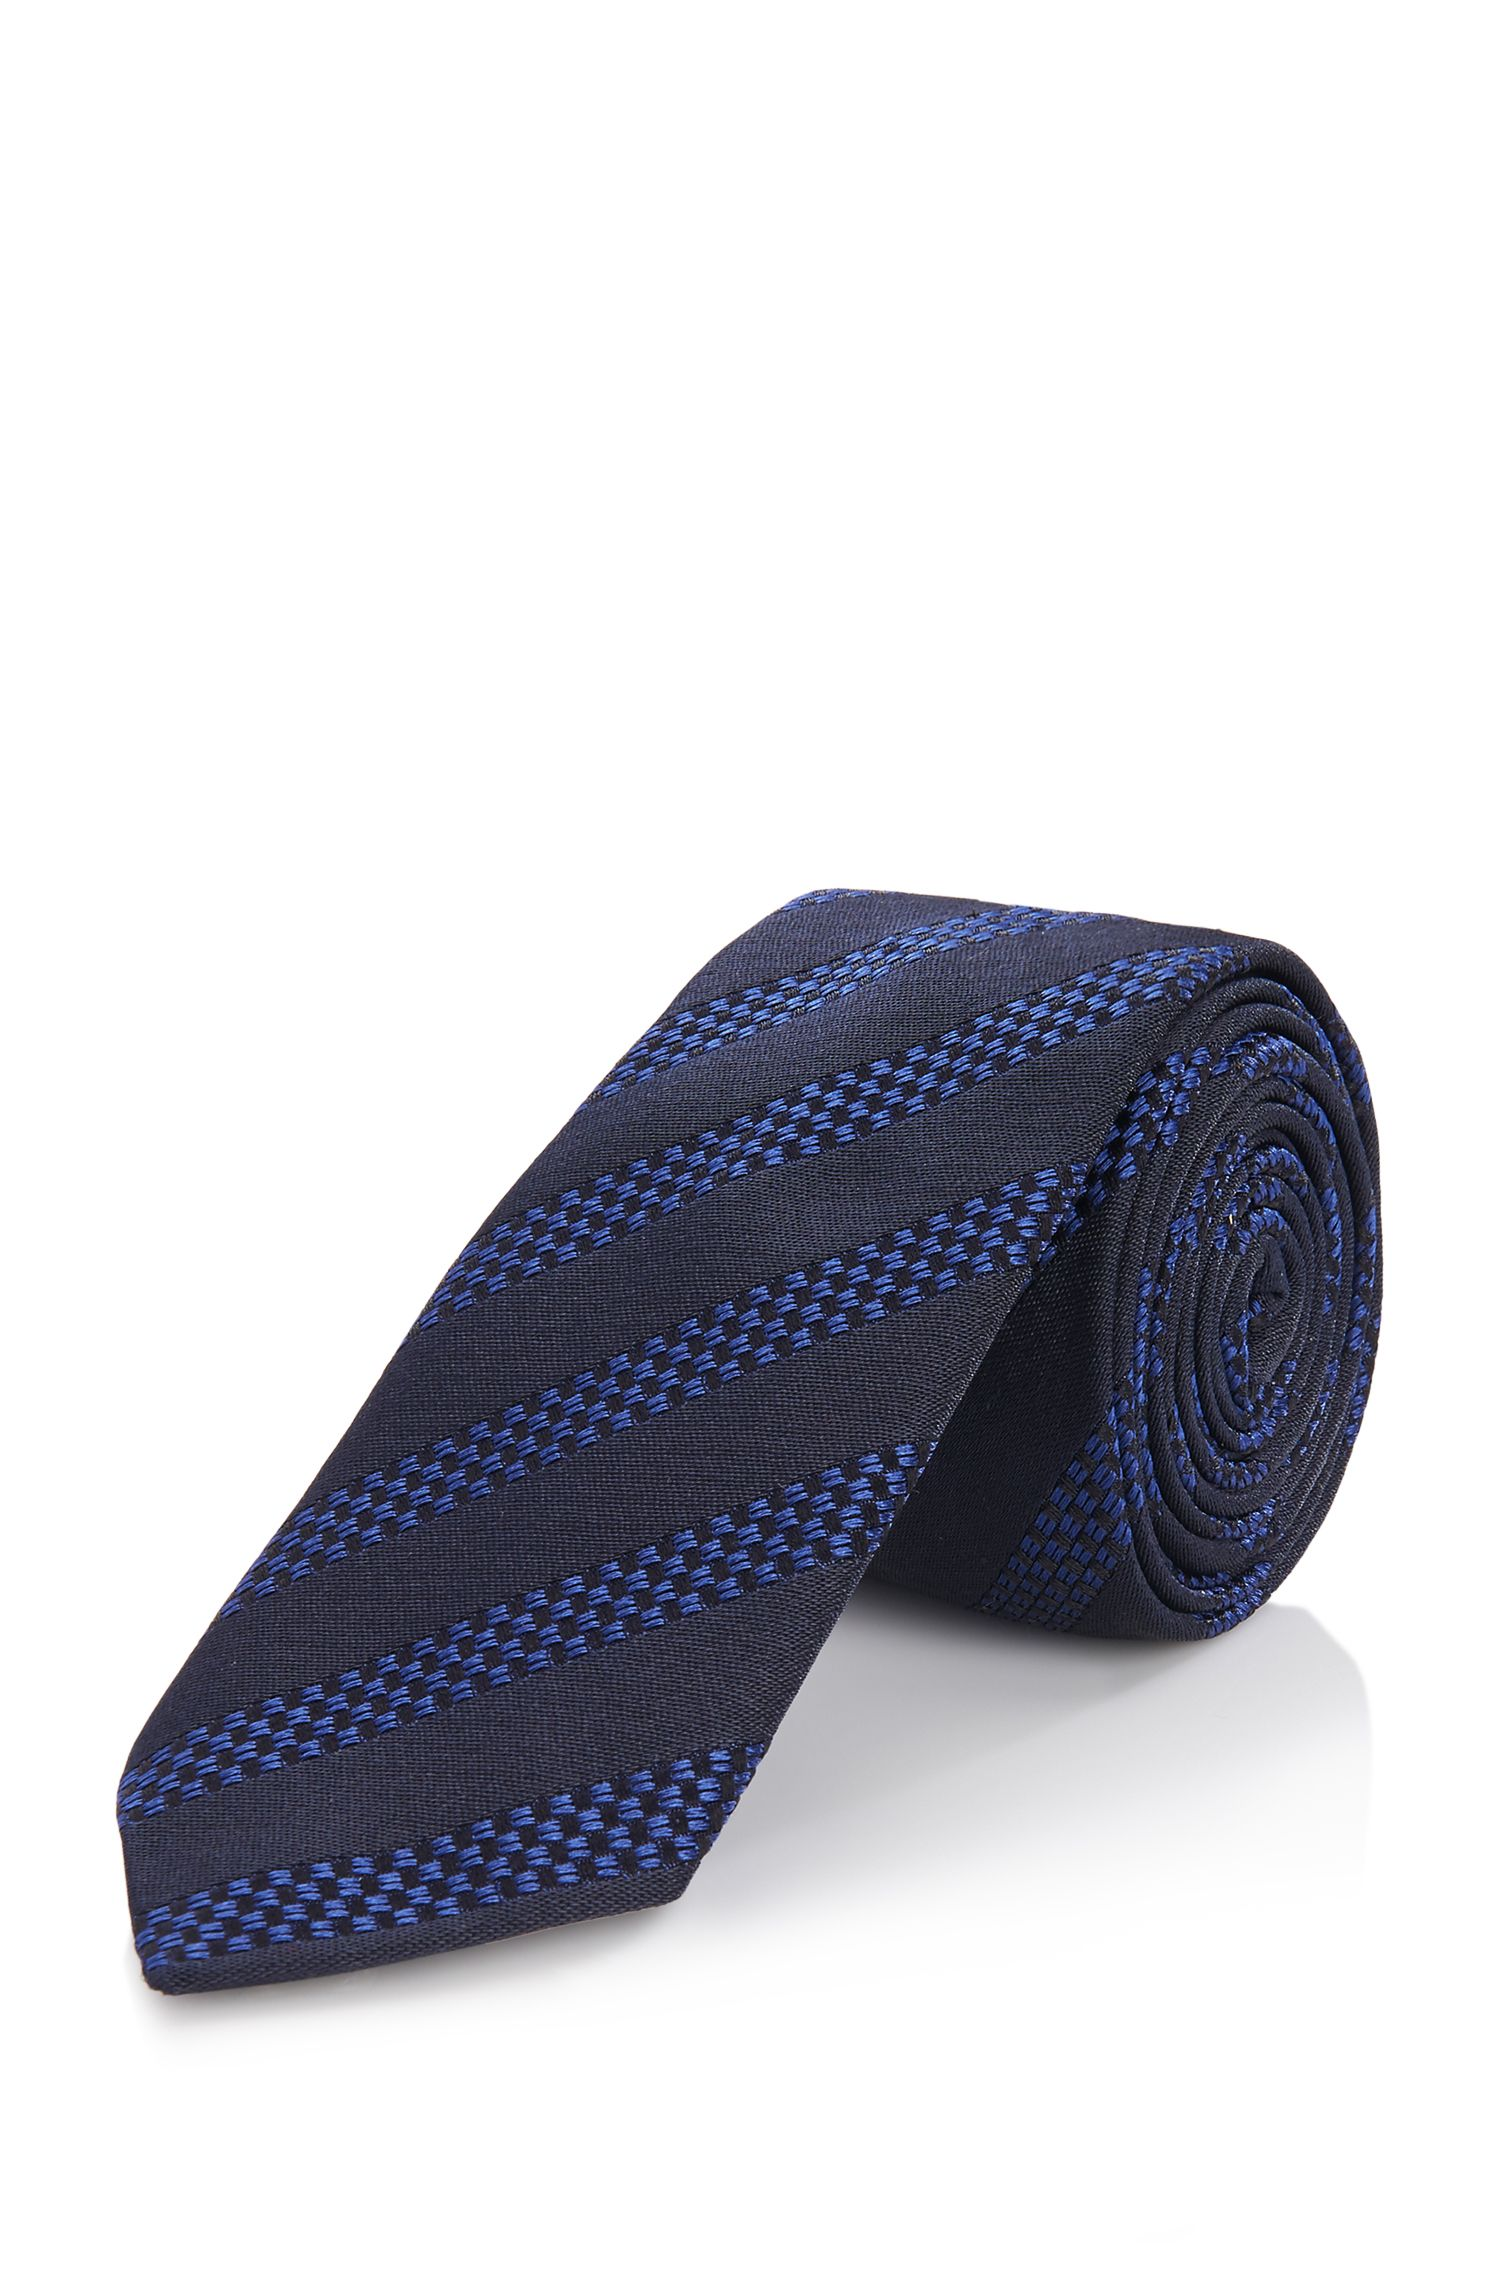 'Tie 6 cm' | Slim, Silk Textured Tie